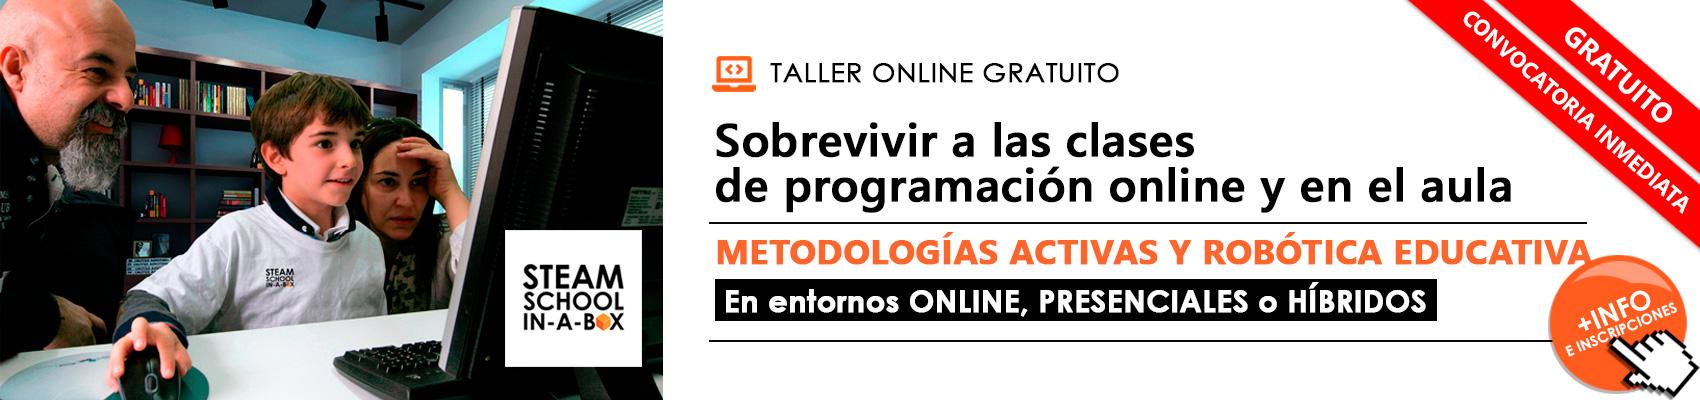 Taller Online Gratuito Metodologías Activas y Robótica Educativa